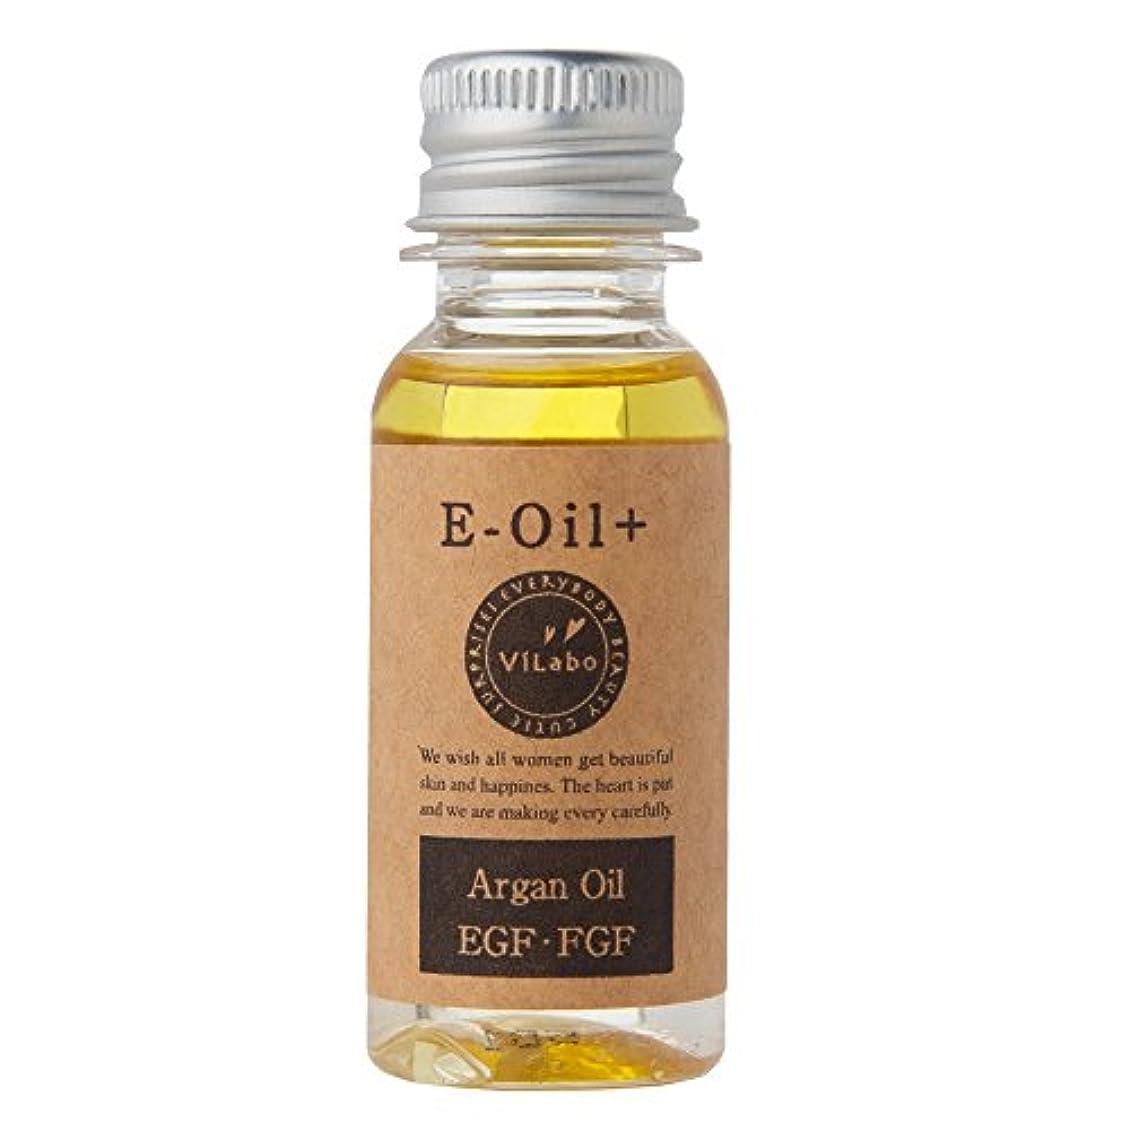 羊デクリメント我慢するオーガニックアルガン+EGF?FGF原液30ml/E-Oil+(イーオイルプラス)AR/ オーガニック アルガンオイル 100%